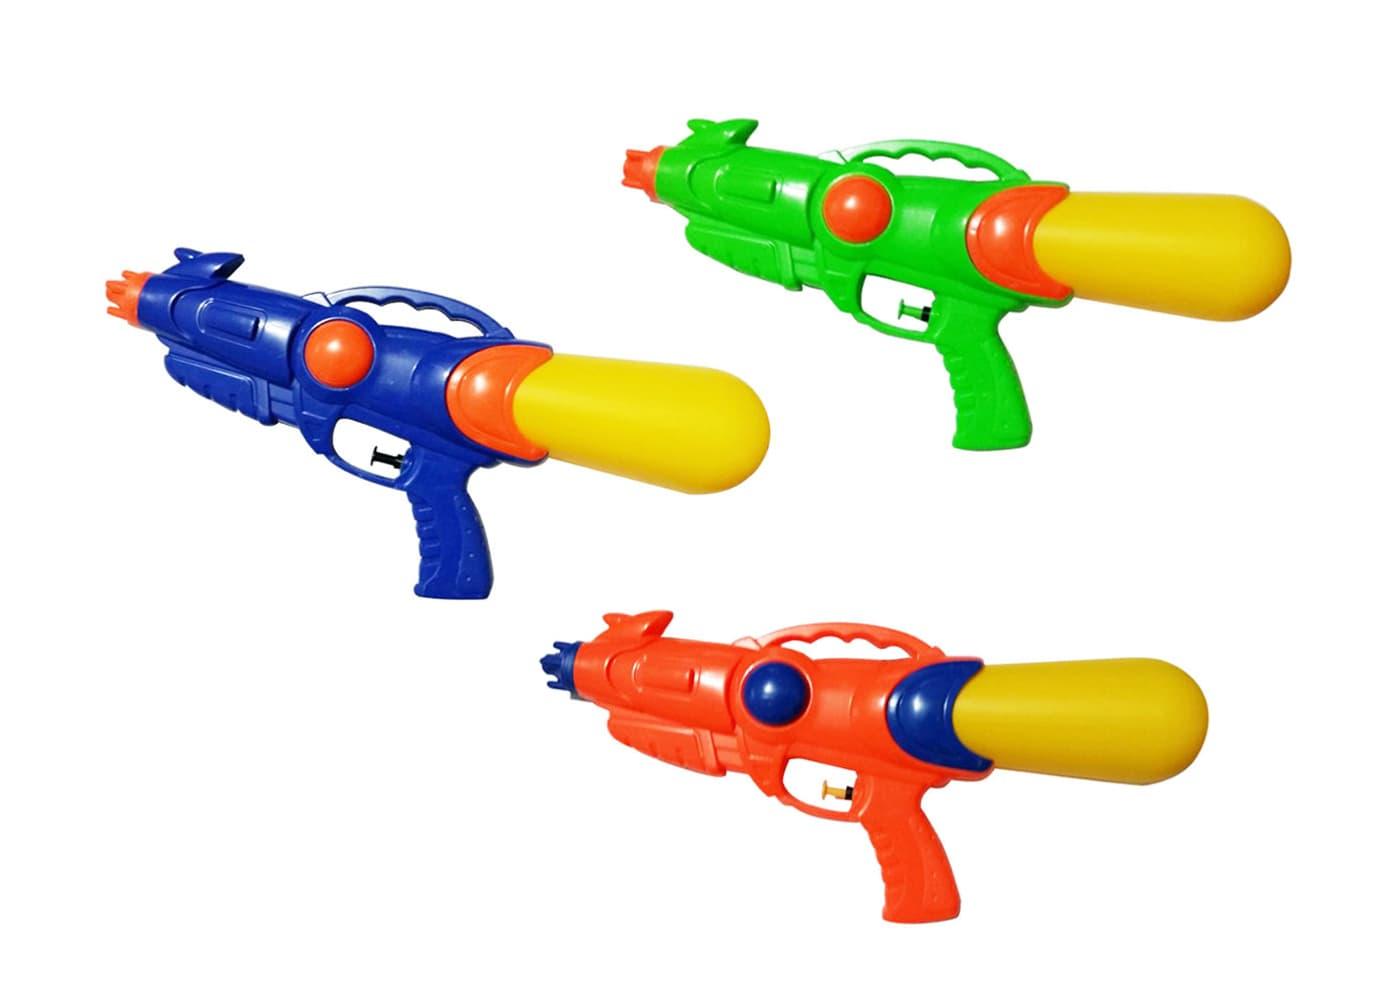 À Pistolet EauMigros À Pistolet EauMigros À EauMigros Pistolet 1c3TJulFK